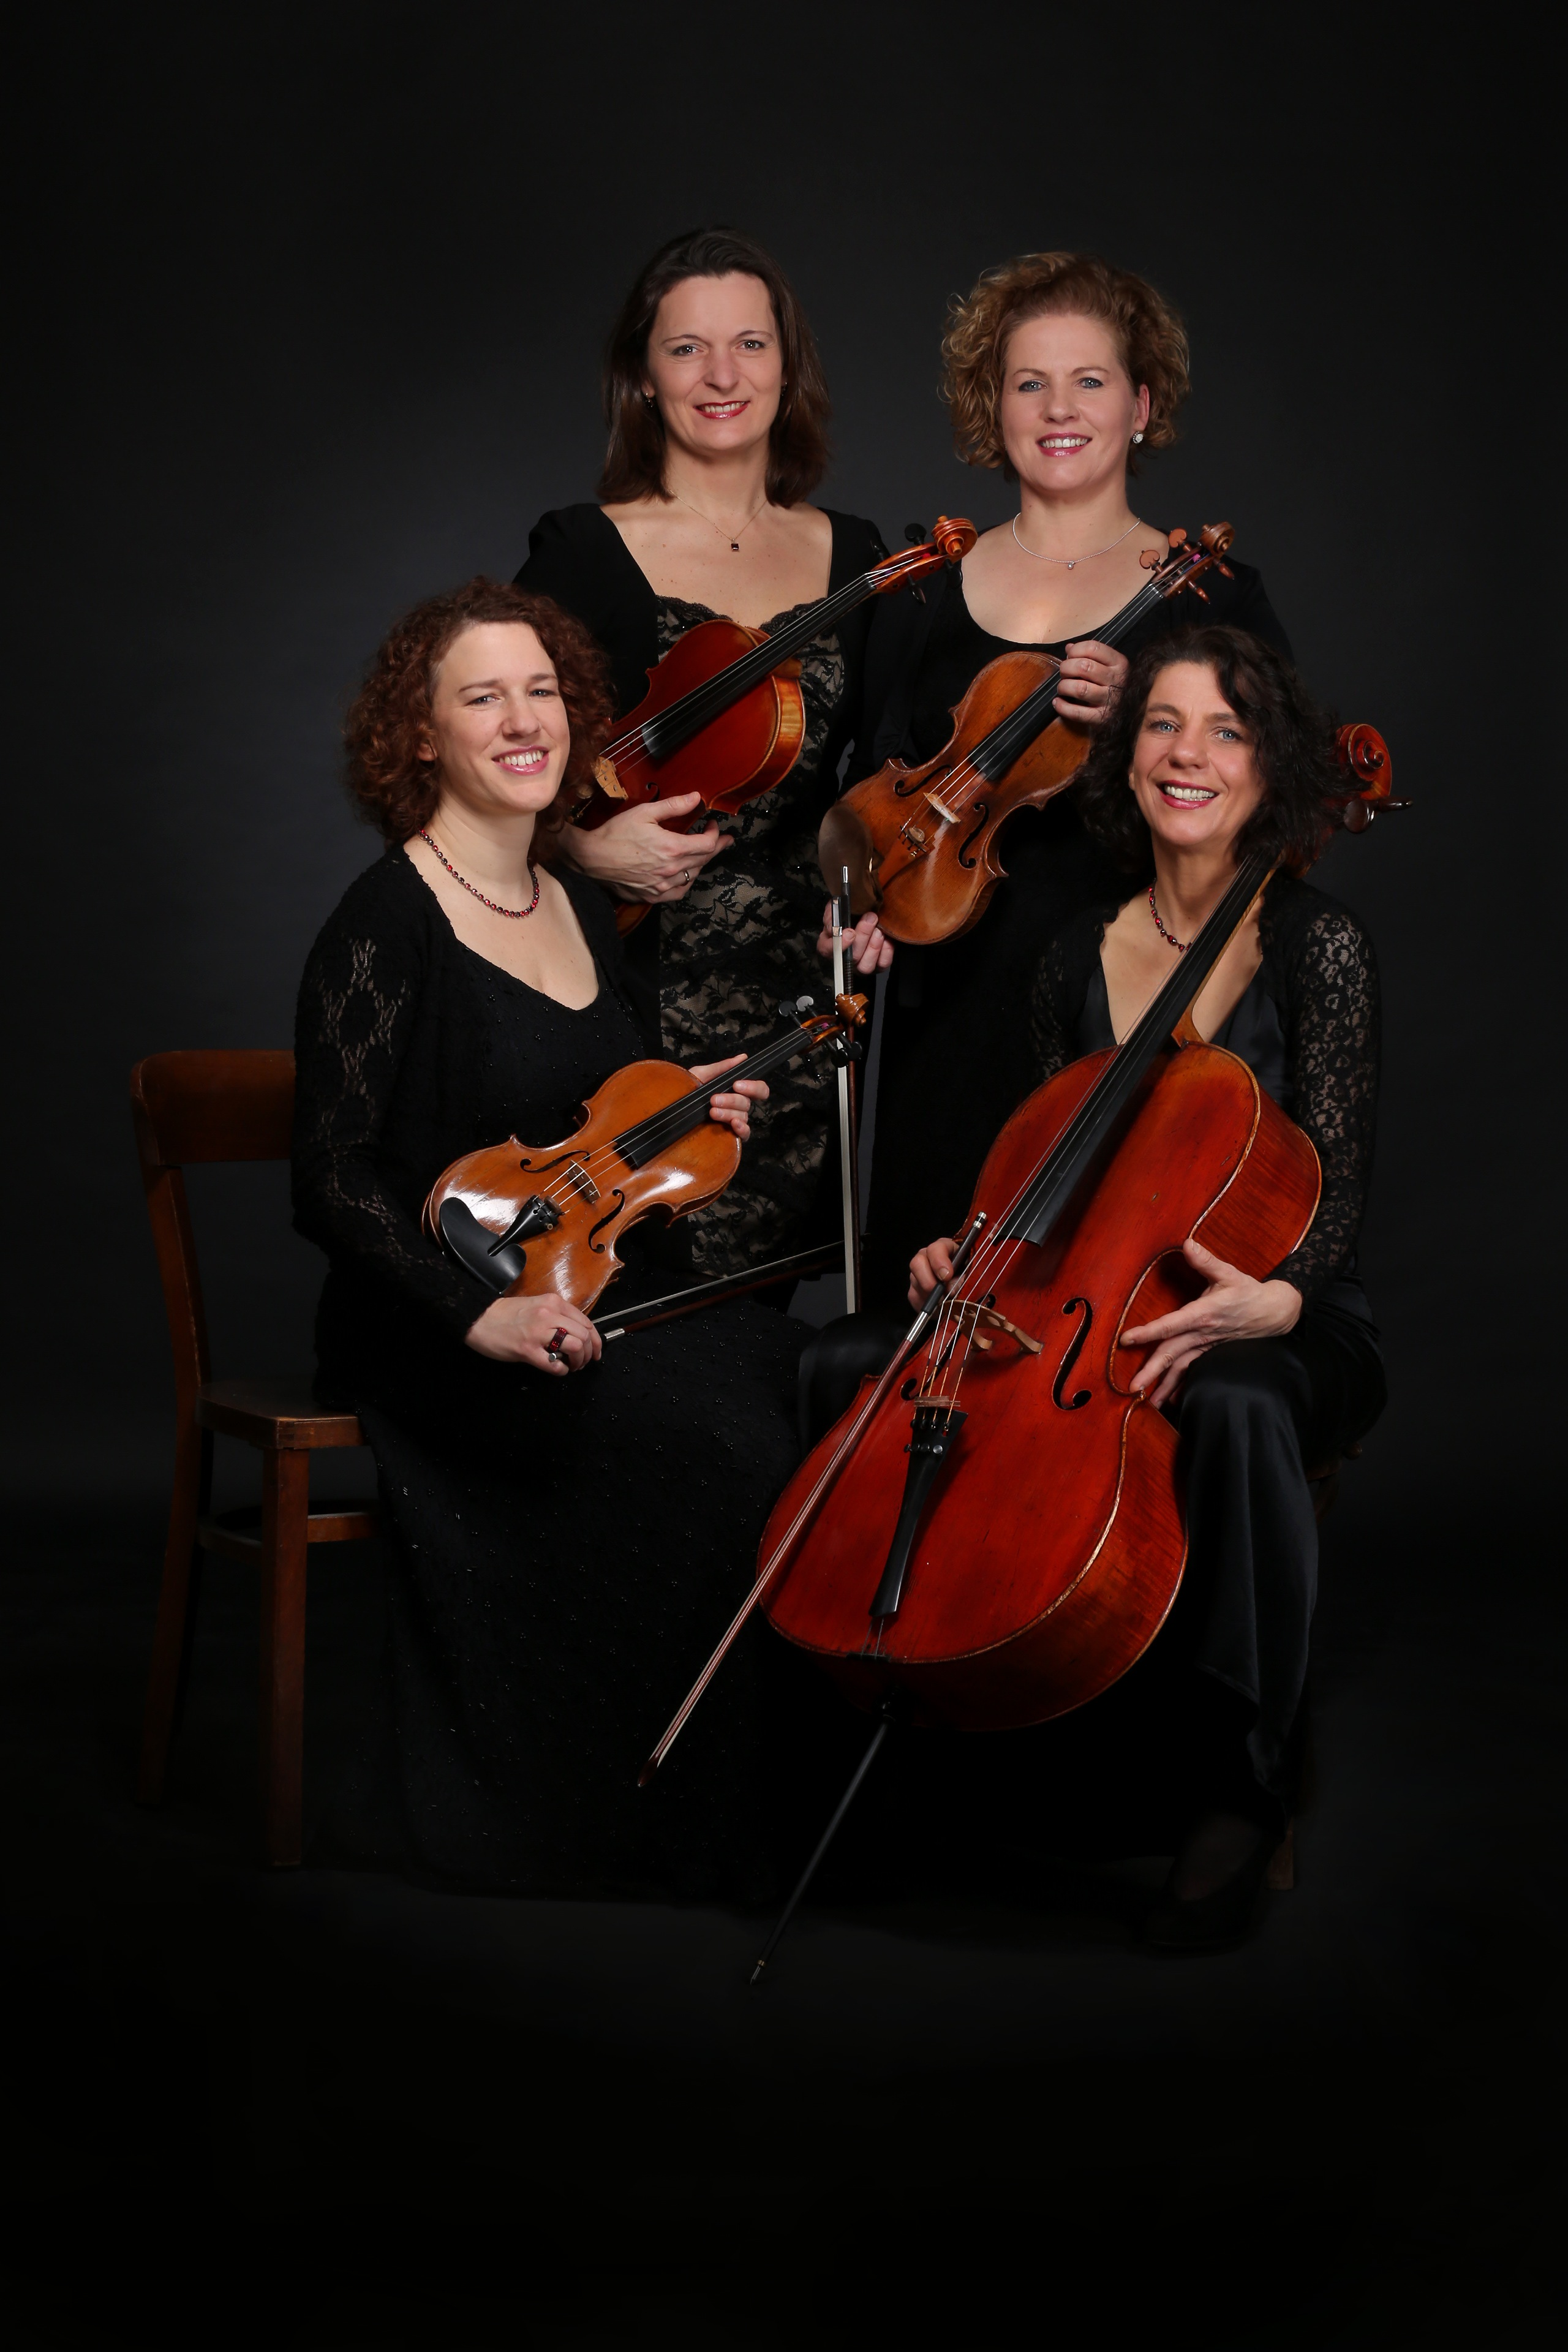 v.l.n.r..: Martina Horejsi (Violine), Jana Andraschke (Viola), Irmgard Zavelberg (Violine), Ulrike Zavelberg (Cello)